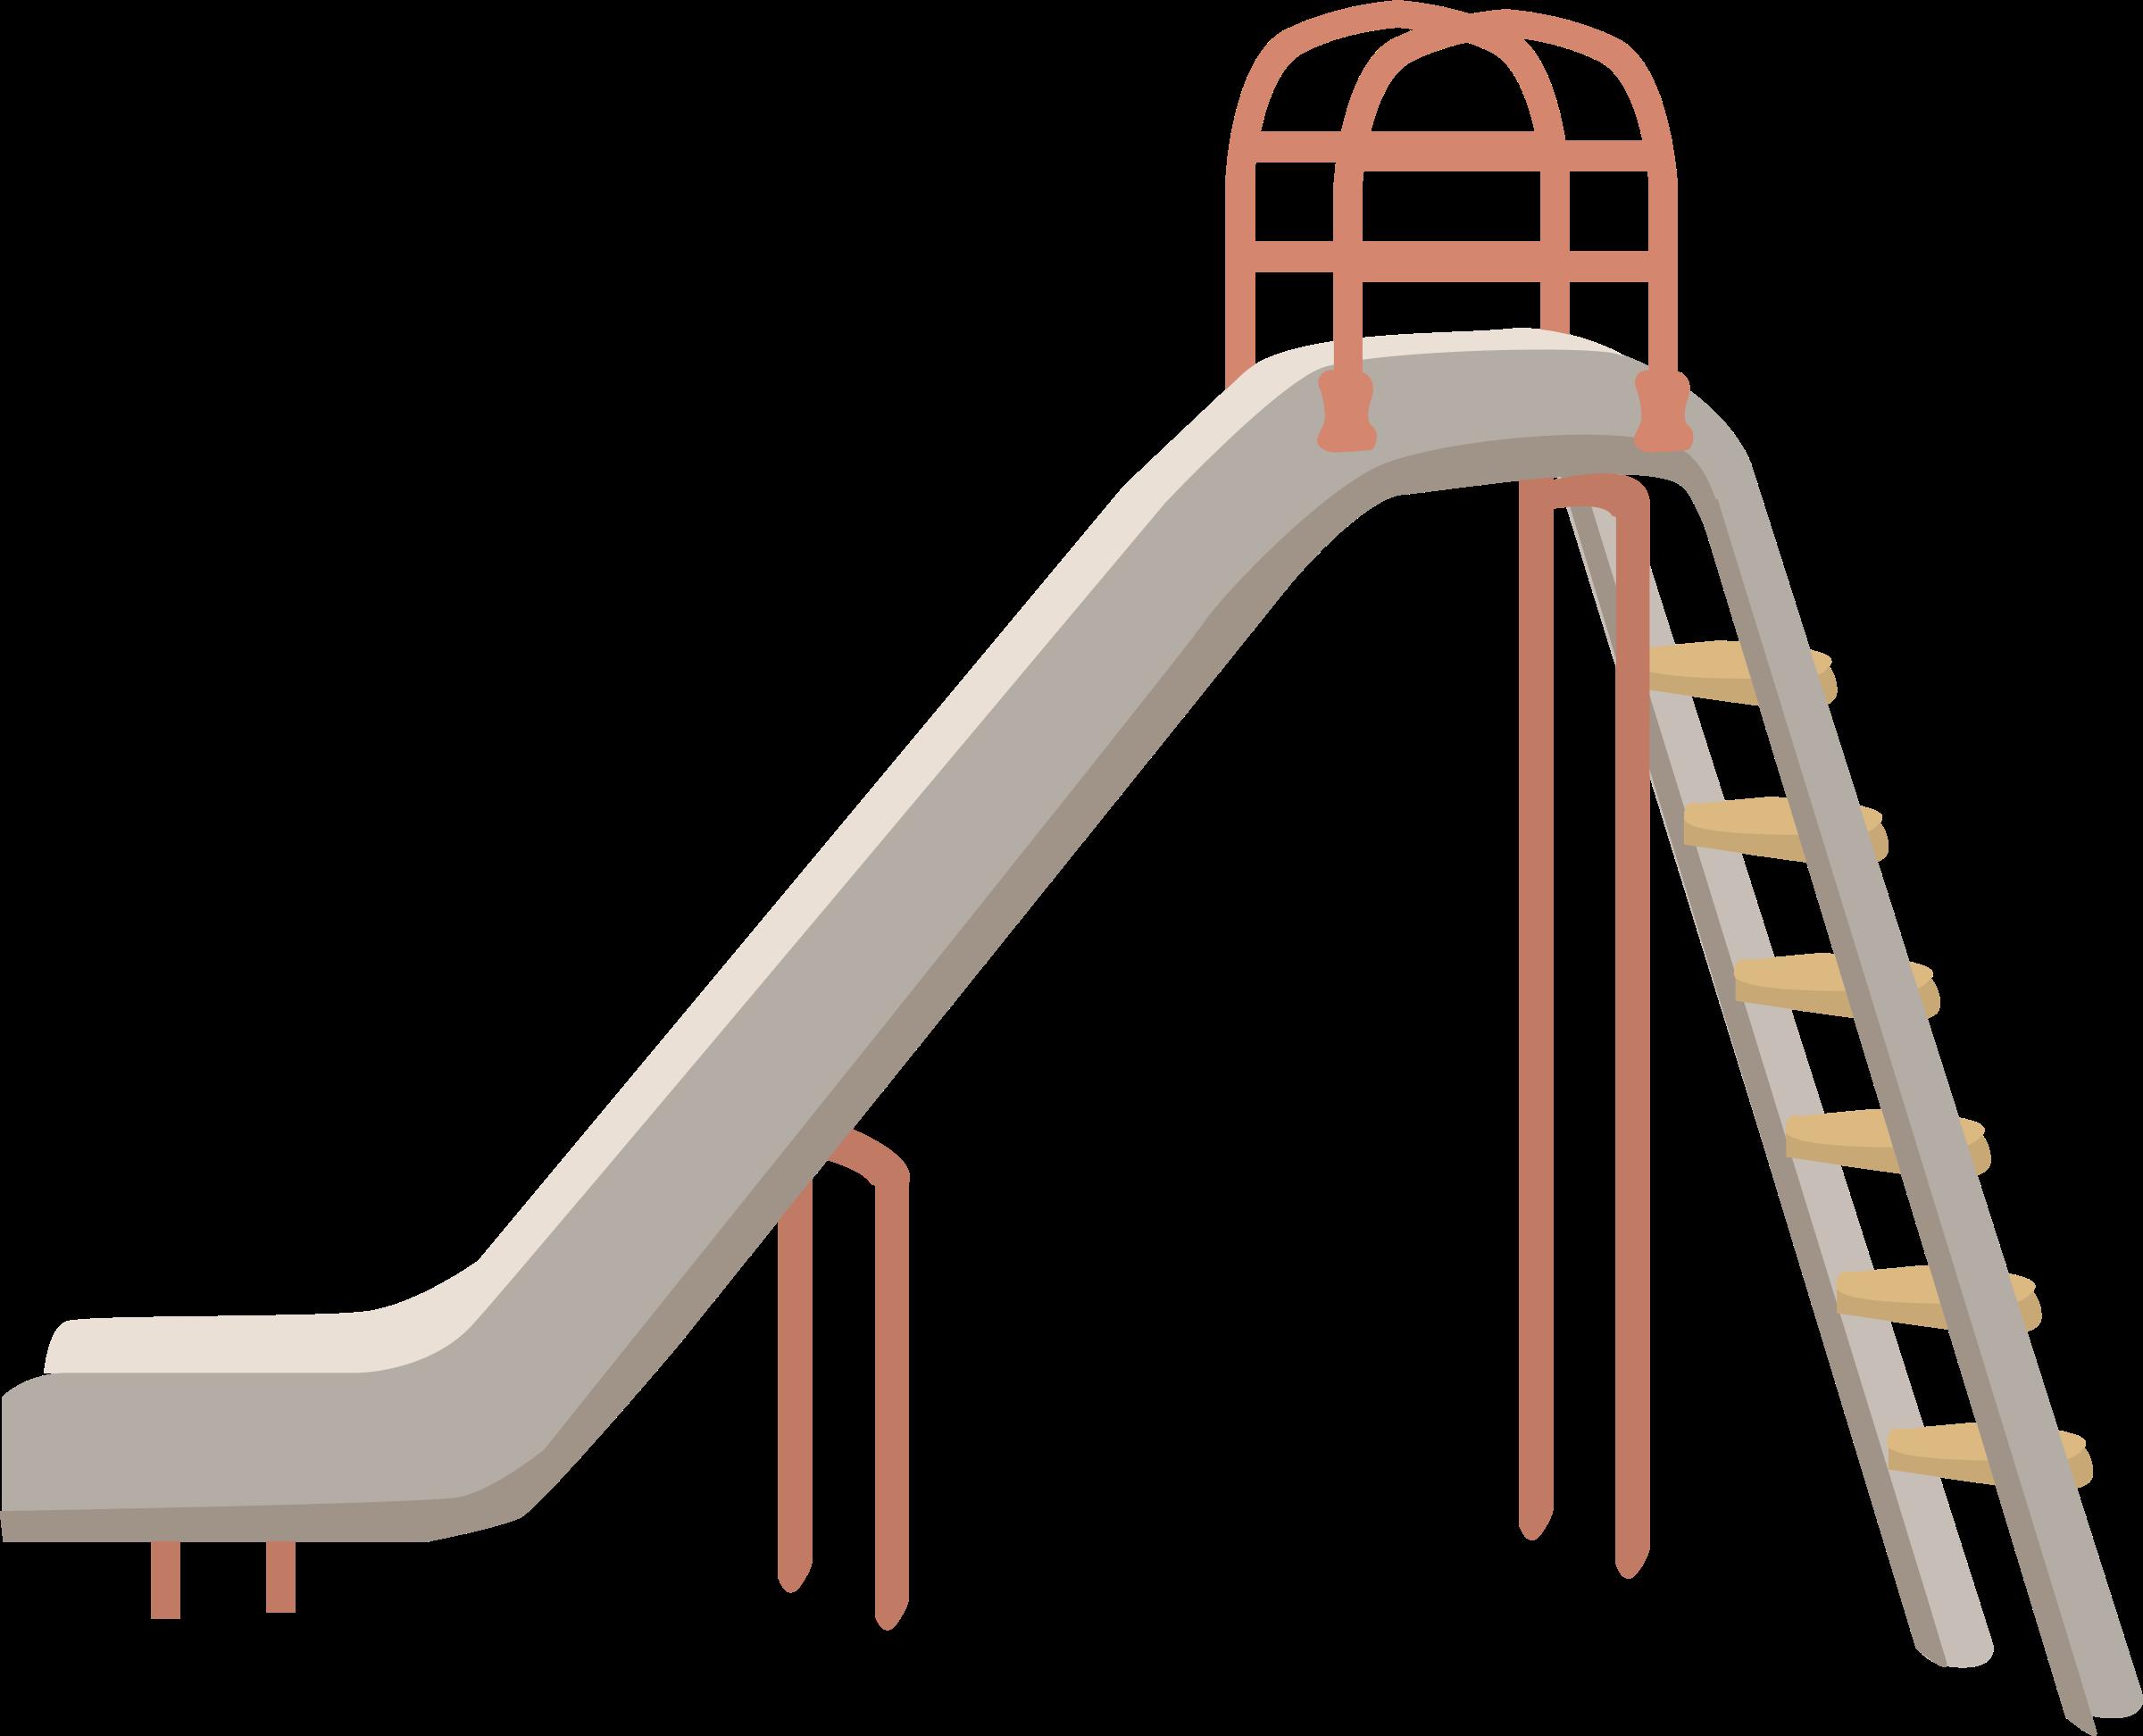 Ladder clipart playground. Slide big image png